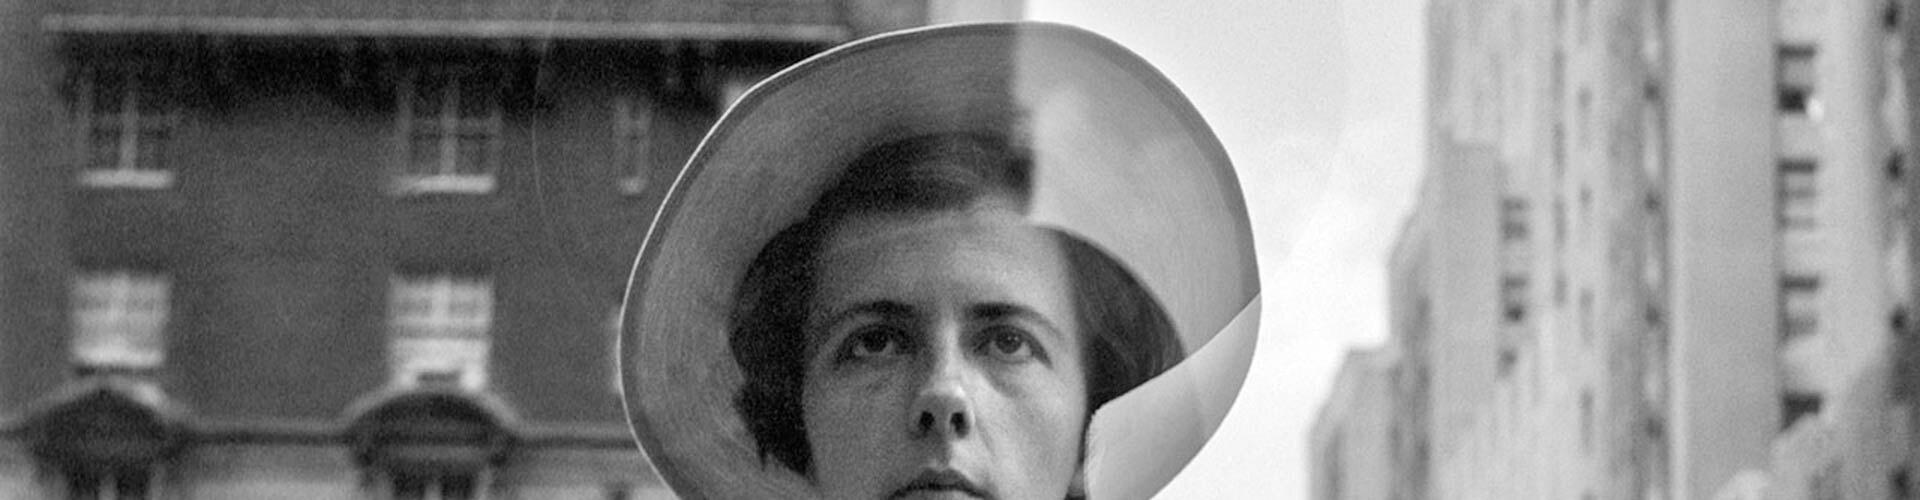 Watch Finding Vivian Maier Online